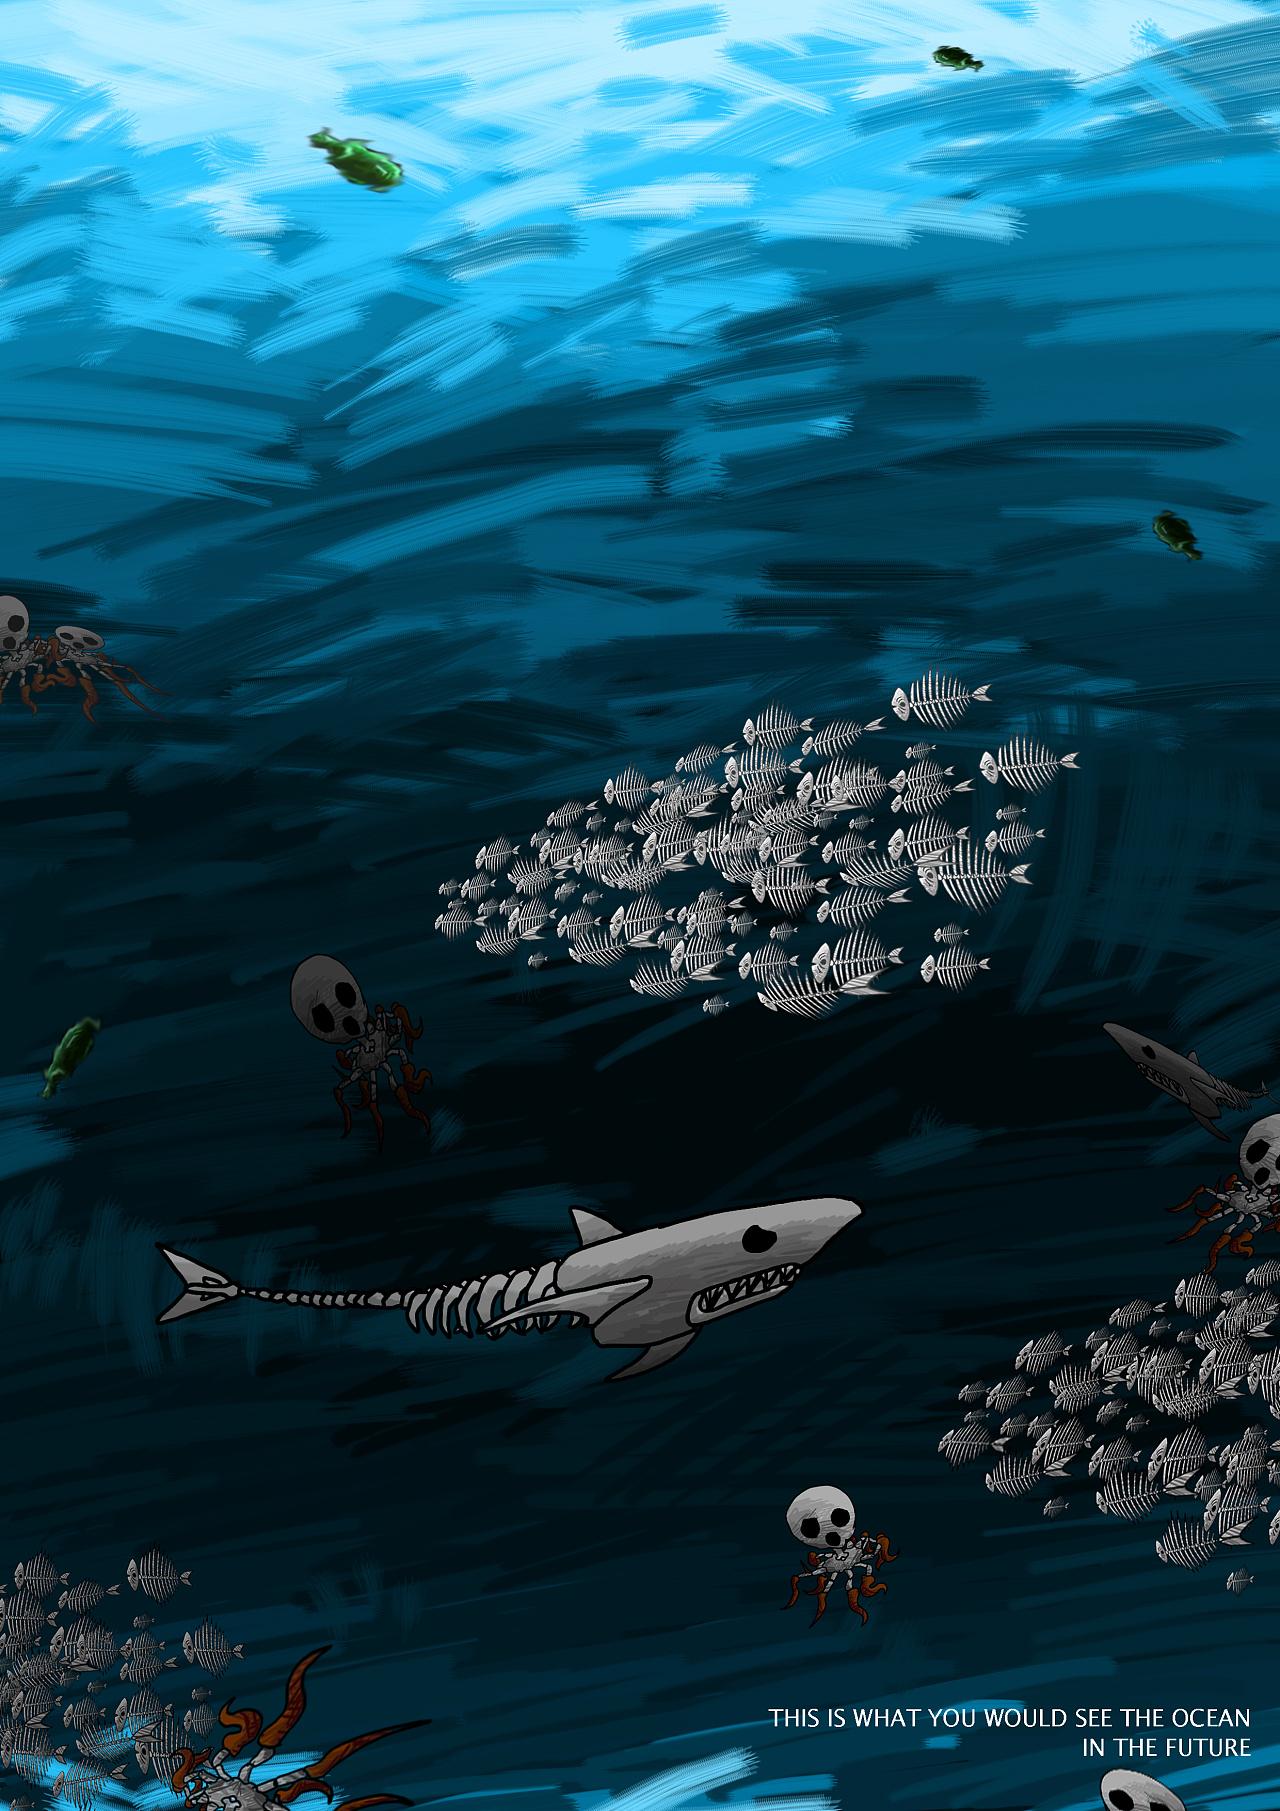 海洋环境保护公益海报